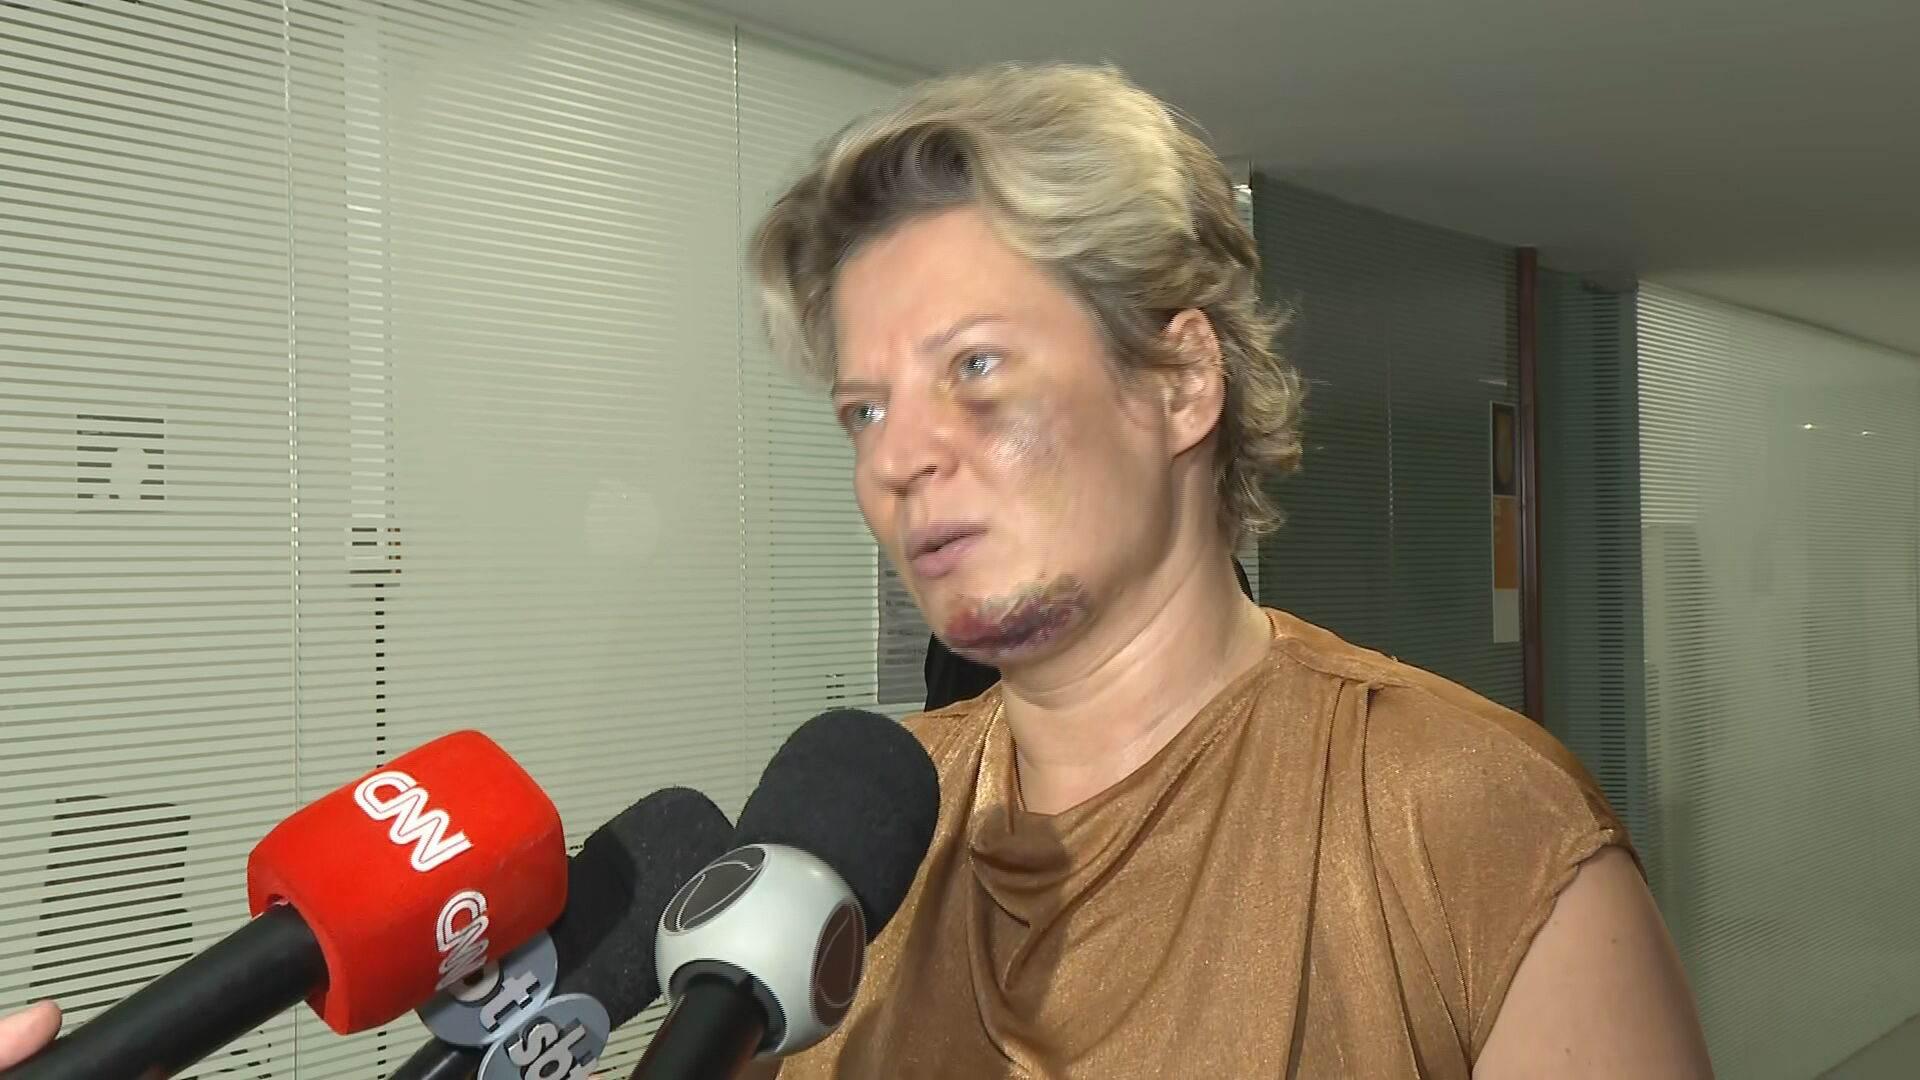 A deputada federal Joice Hasselmann (PSL-SP) conversou com a imprensa